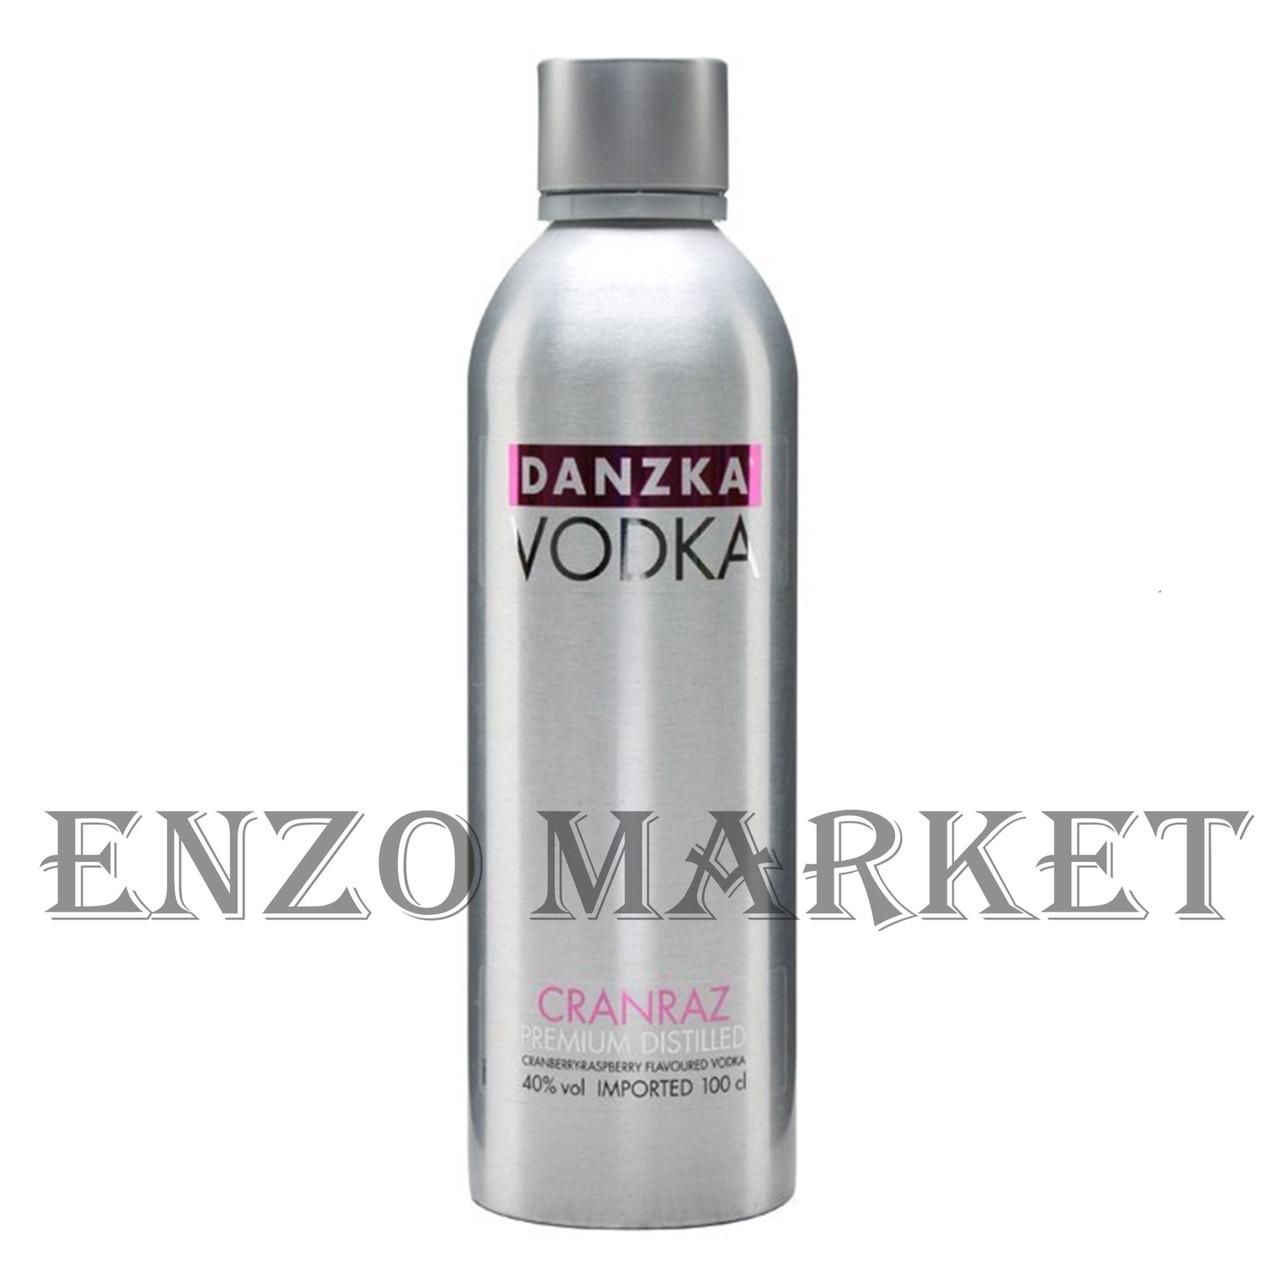 Водка Danzka Cranraz (Данзка Клюква-Малина) 40%, 1 литр